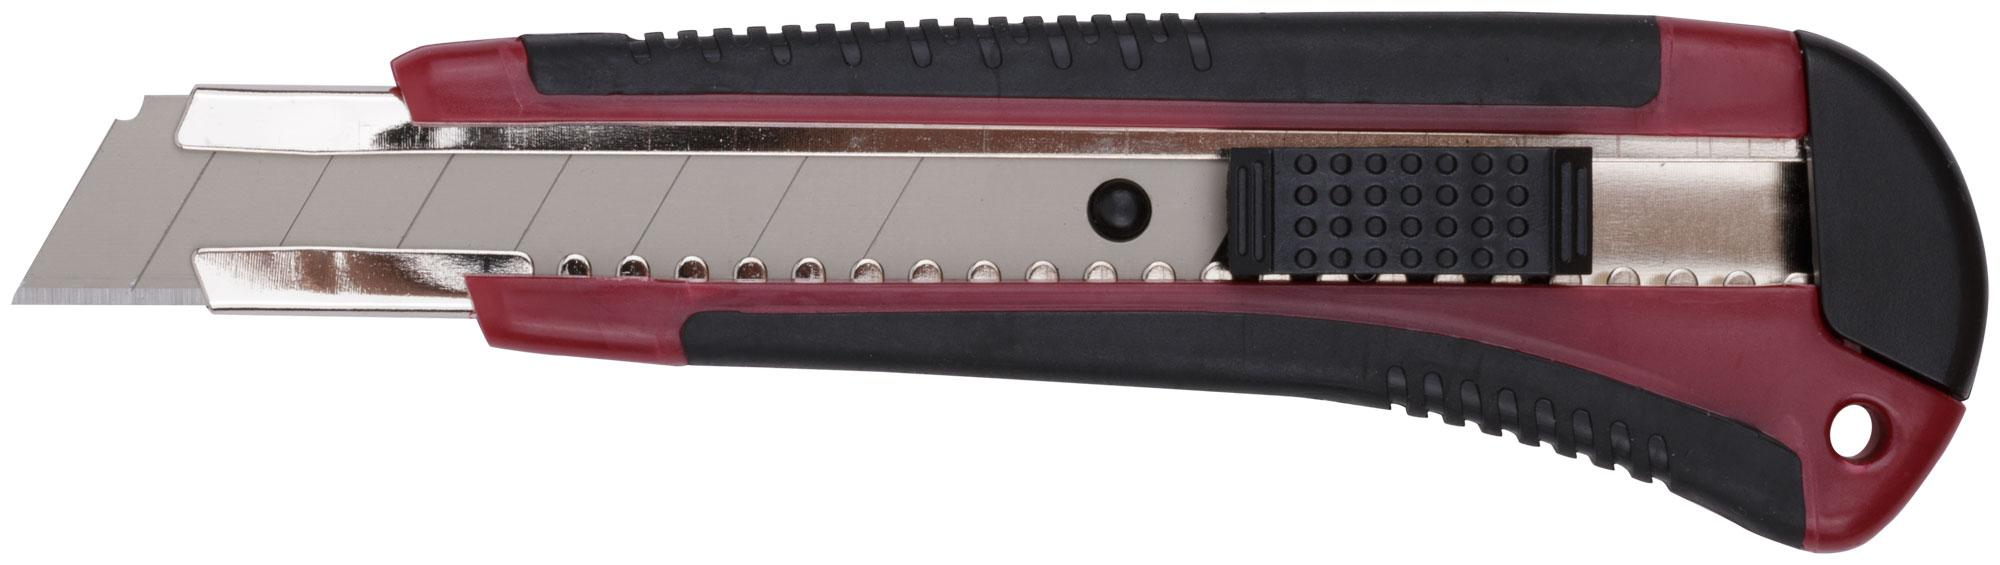 Нож КУРС 10174